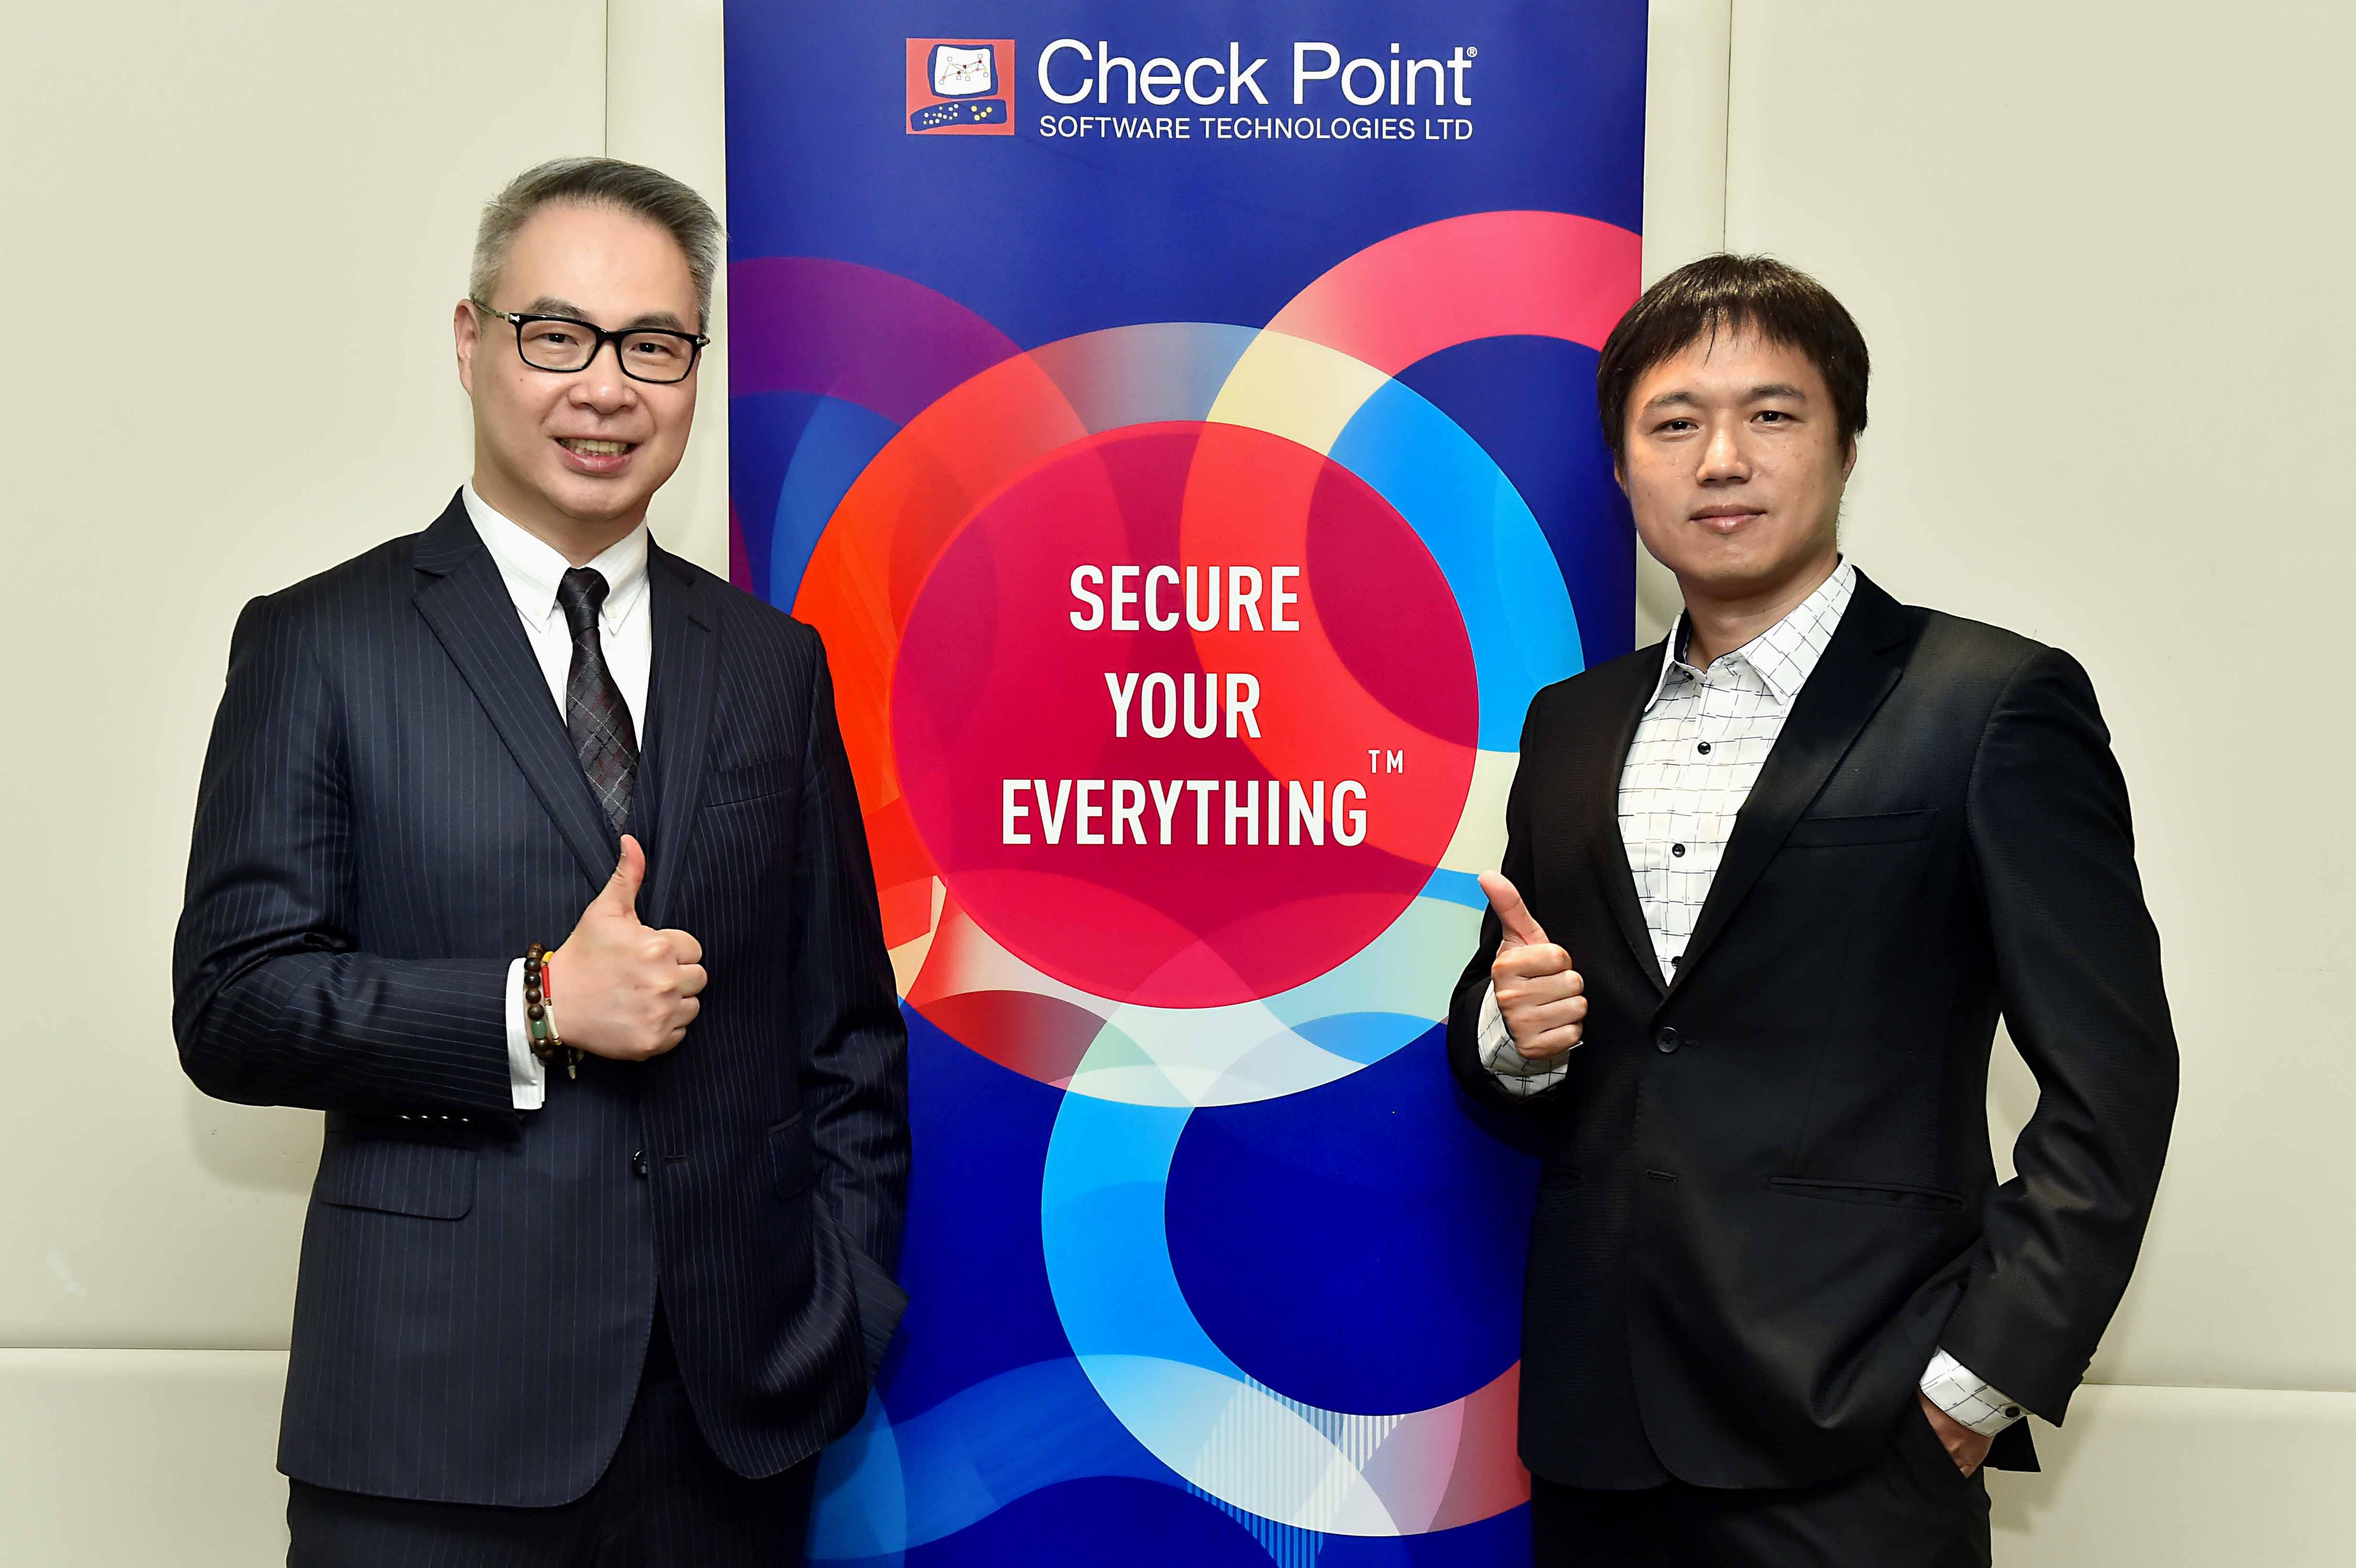 Check Point 2021年網路安全報告:46% 企業中至少有一名員工於手機下載惡意軟體